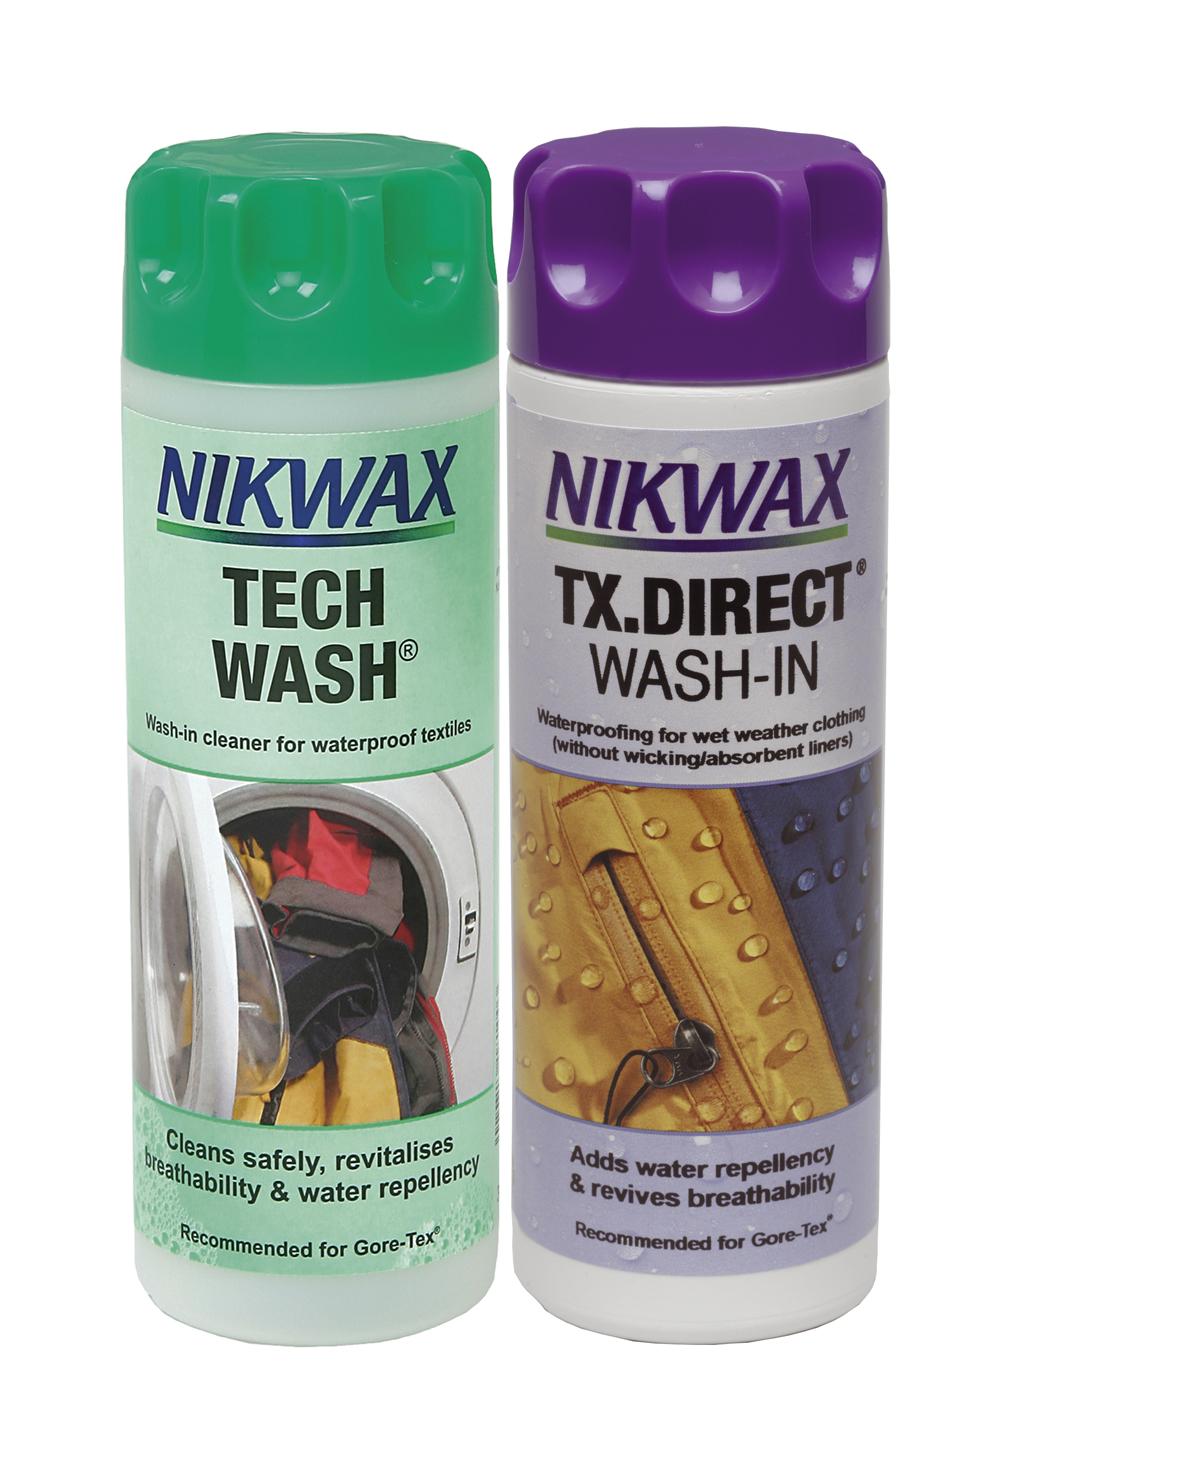 Nikwax - Twin Pack